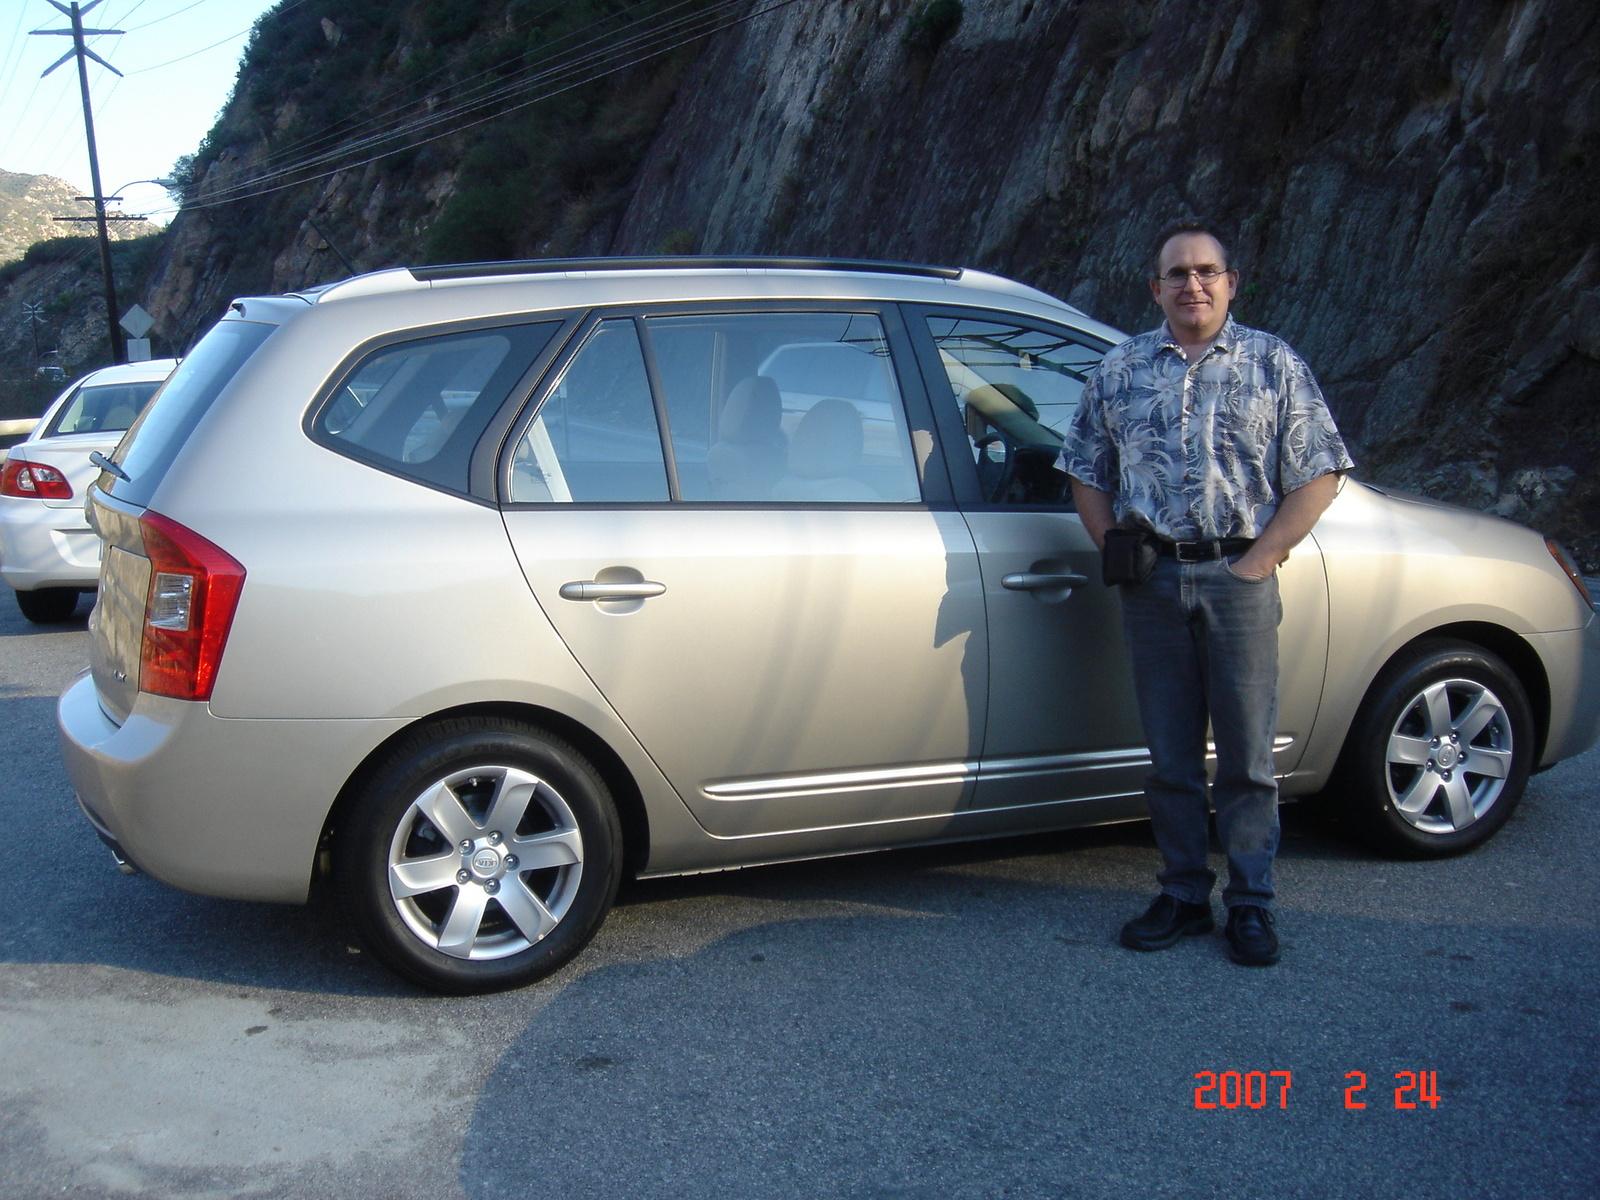 Lovely 2007 Kia Rondo #17 Kia Rondo #17